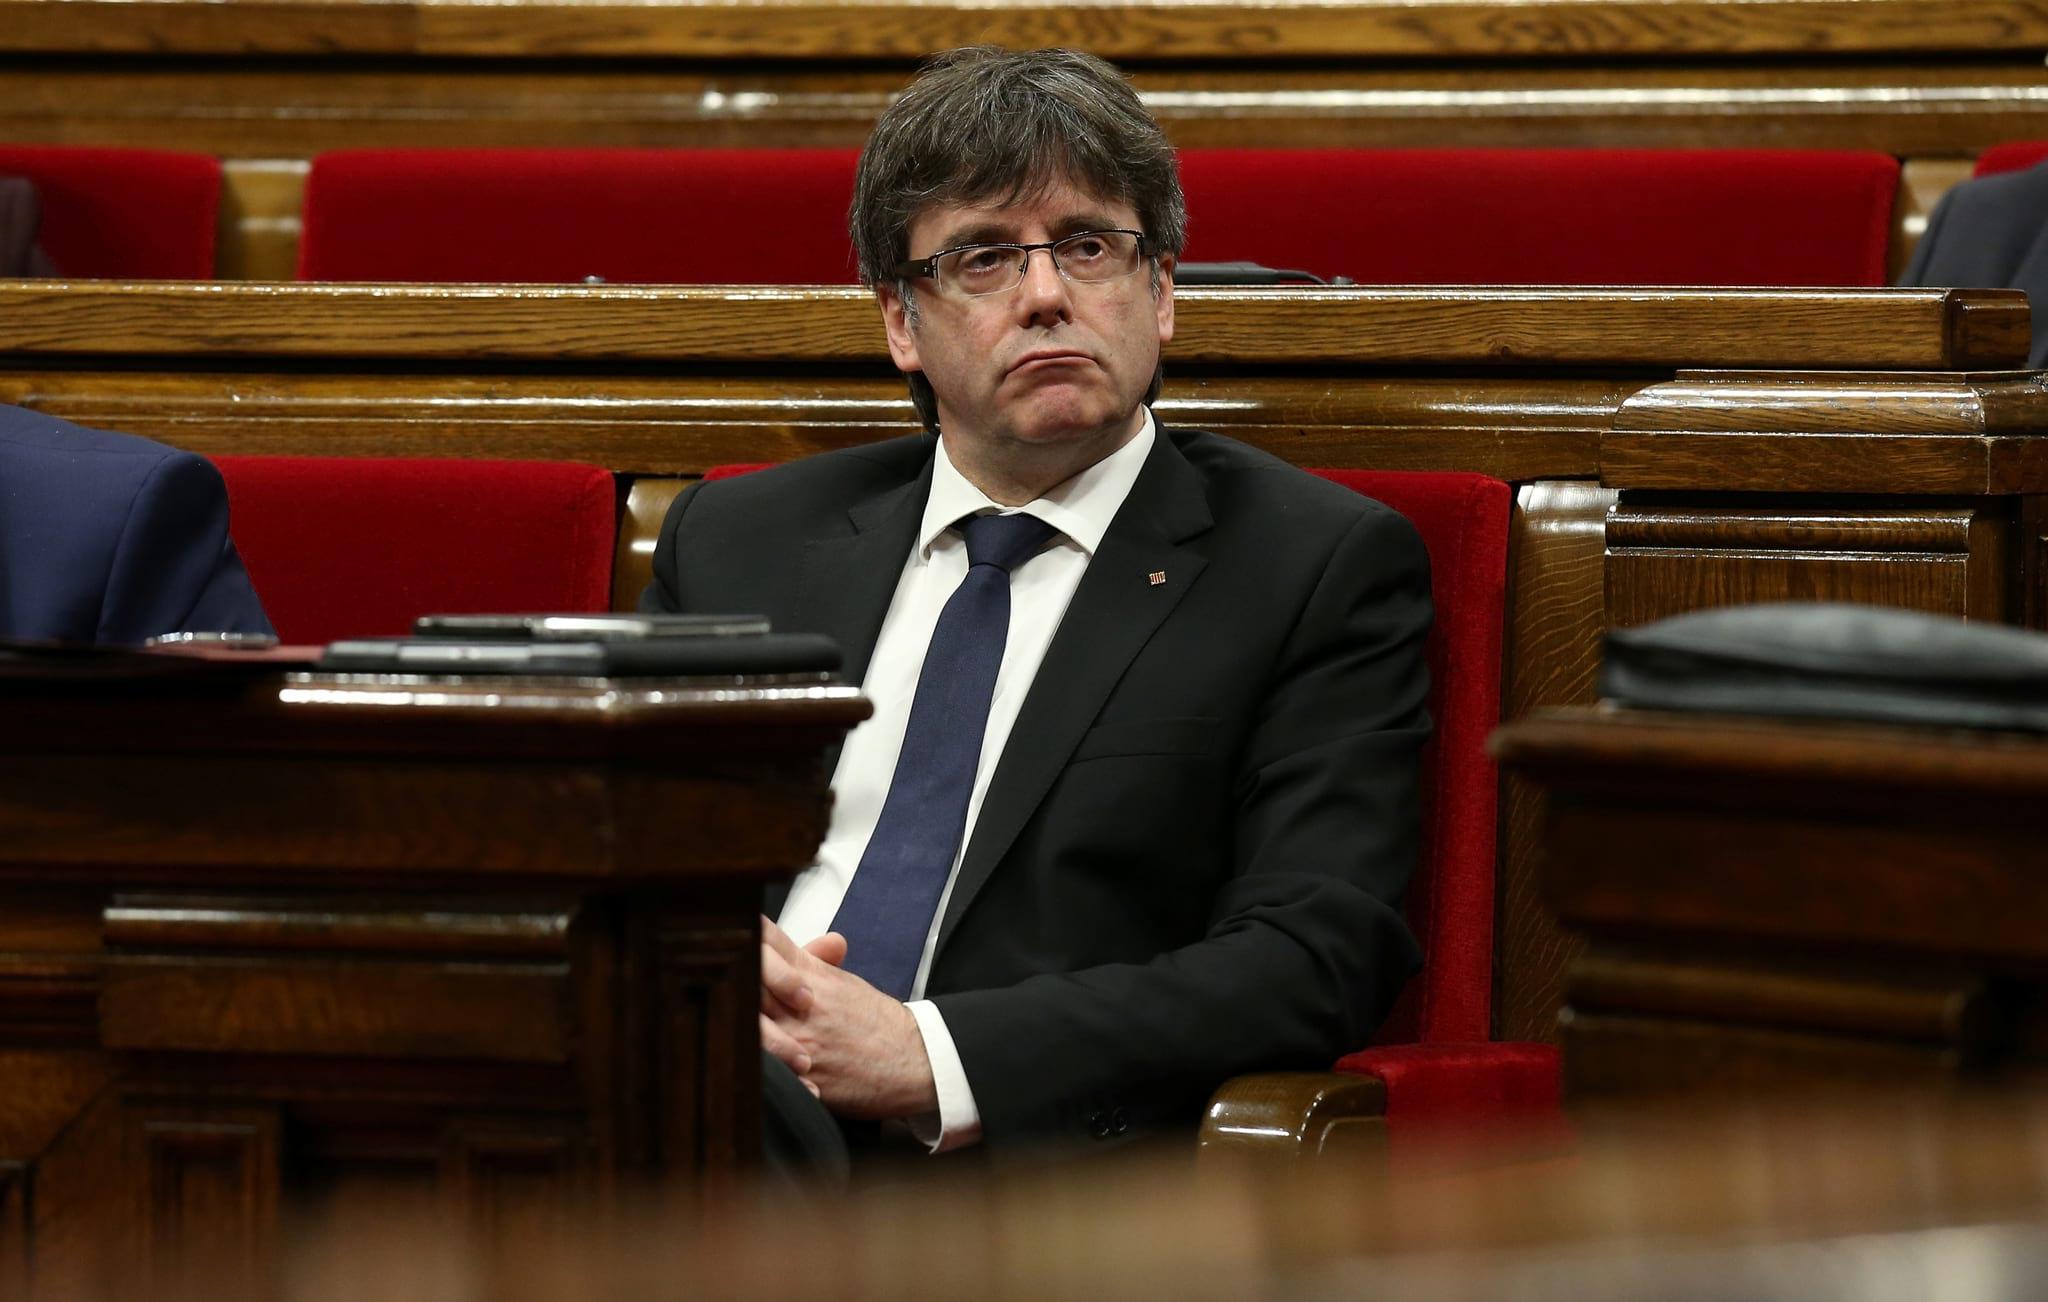 PÚBLICO - Carles Puigdemont, o independentista sereno no meio do furacão